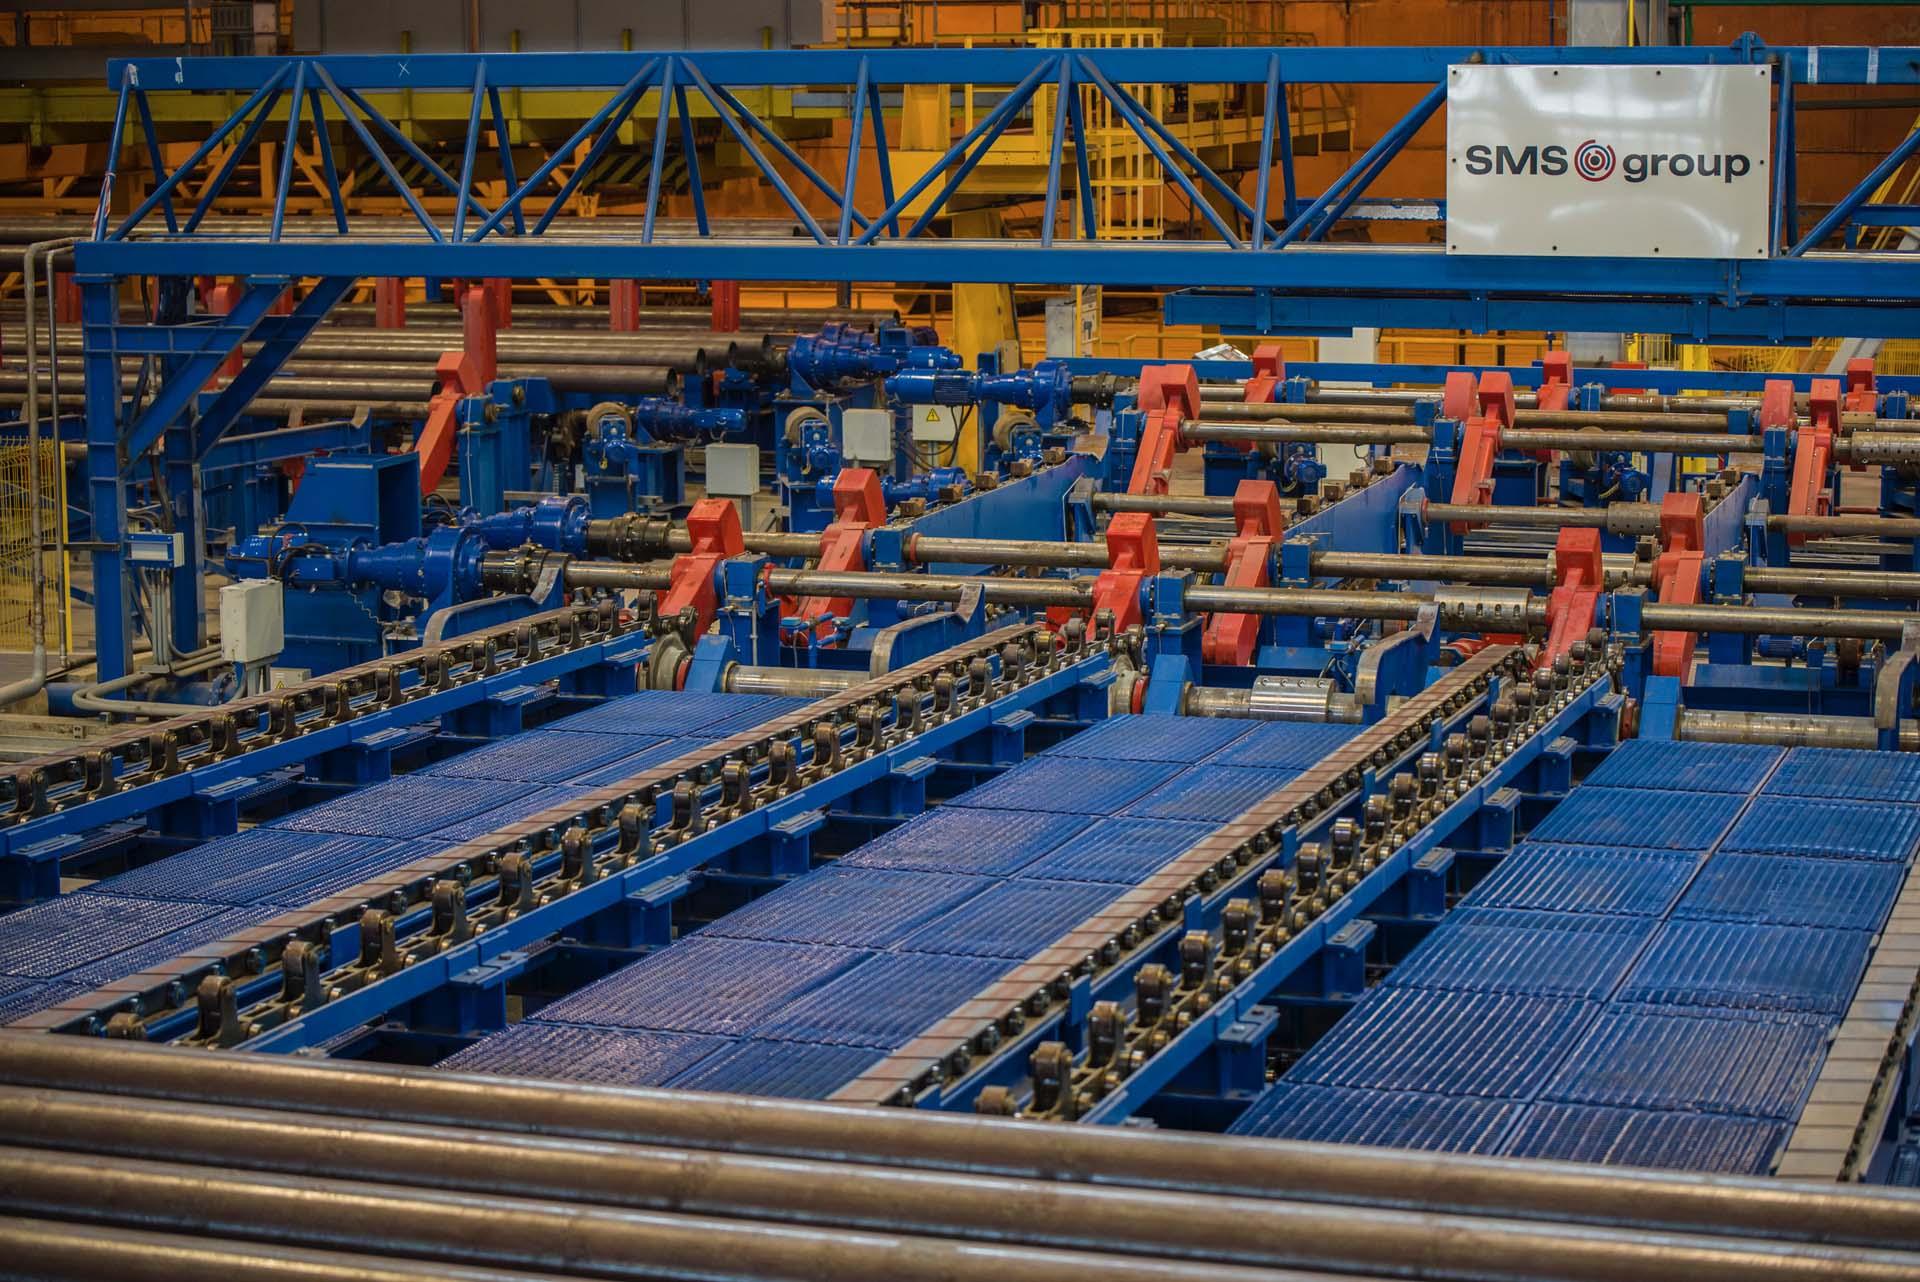 ТМК ввела в эксплуатацию новый комплекс термообработки труб на СТЗ